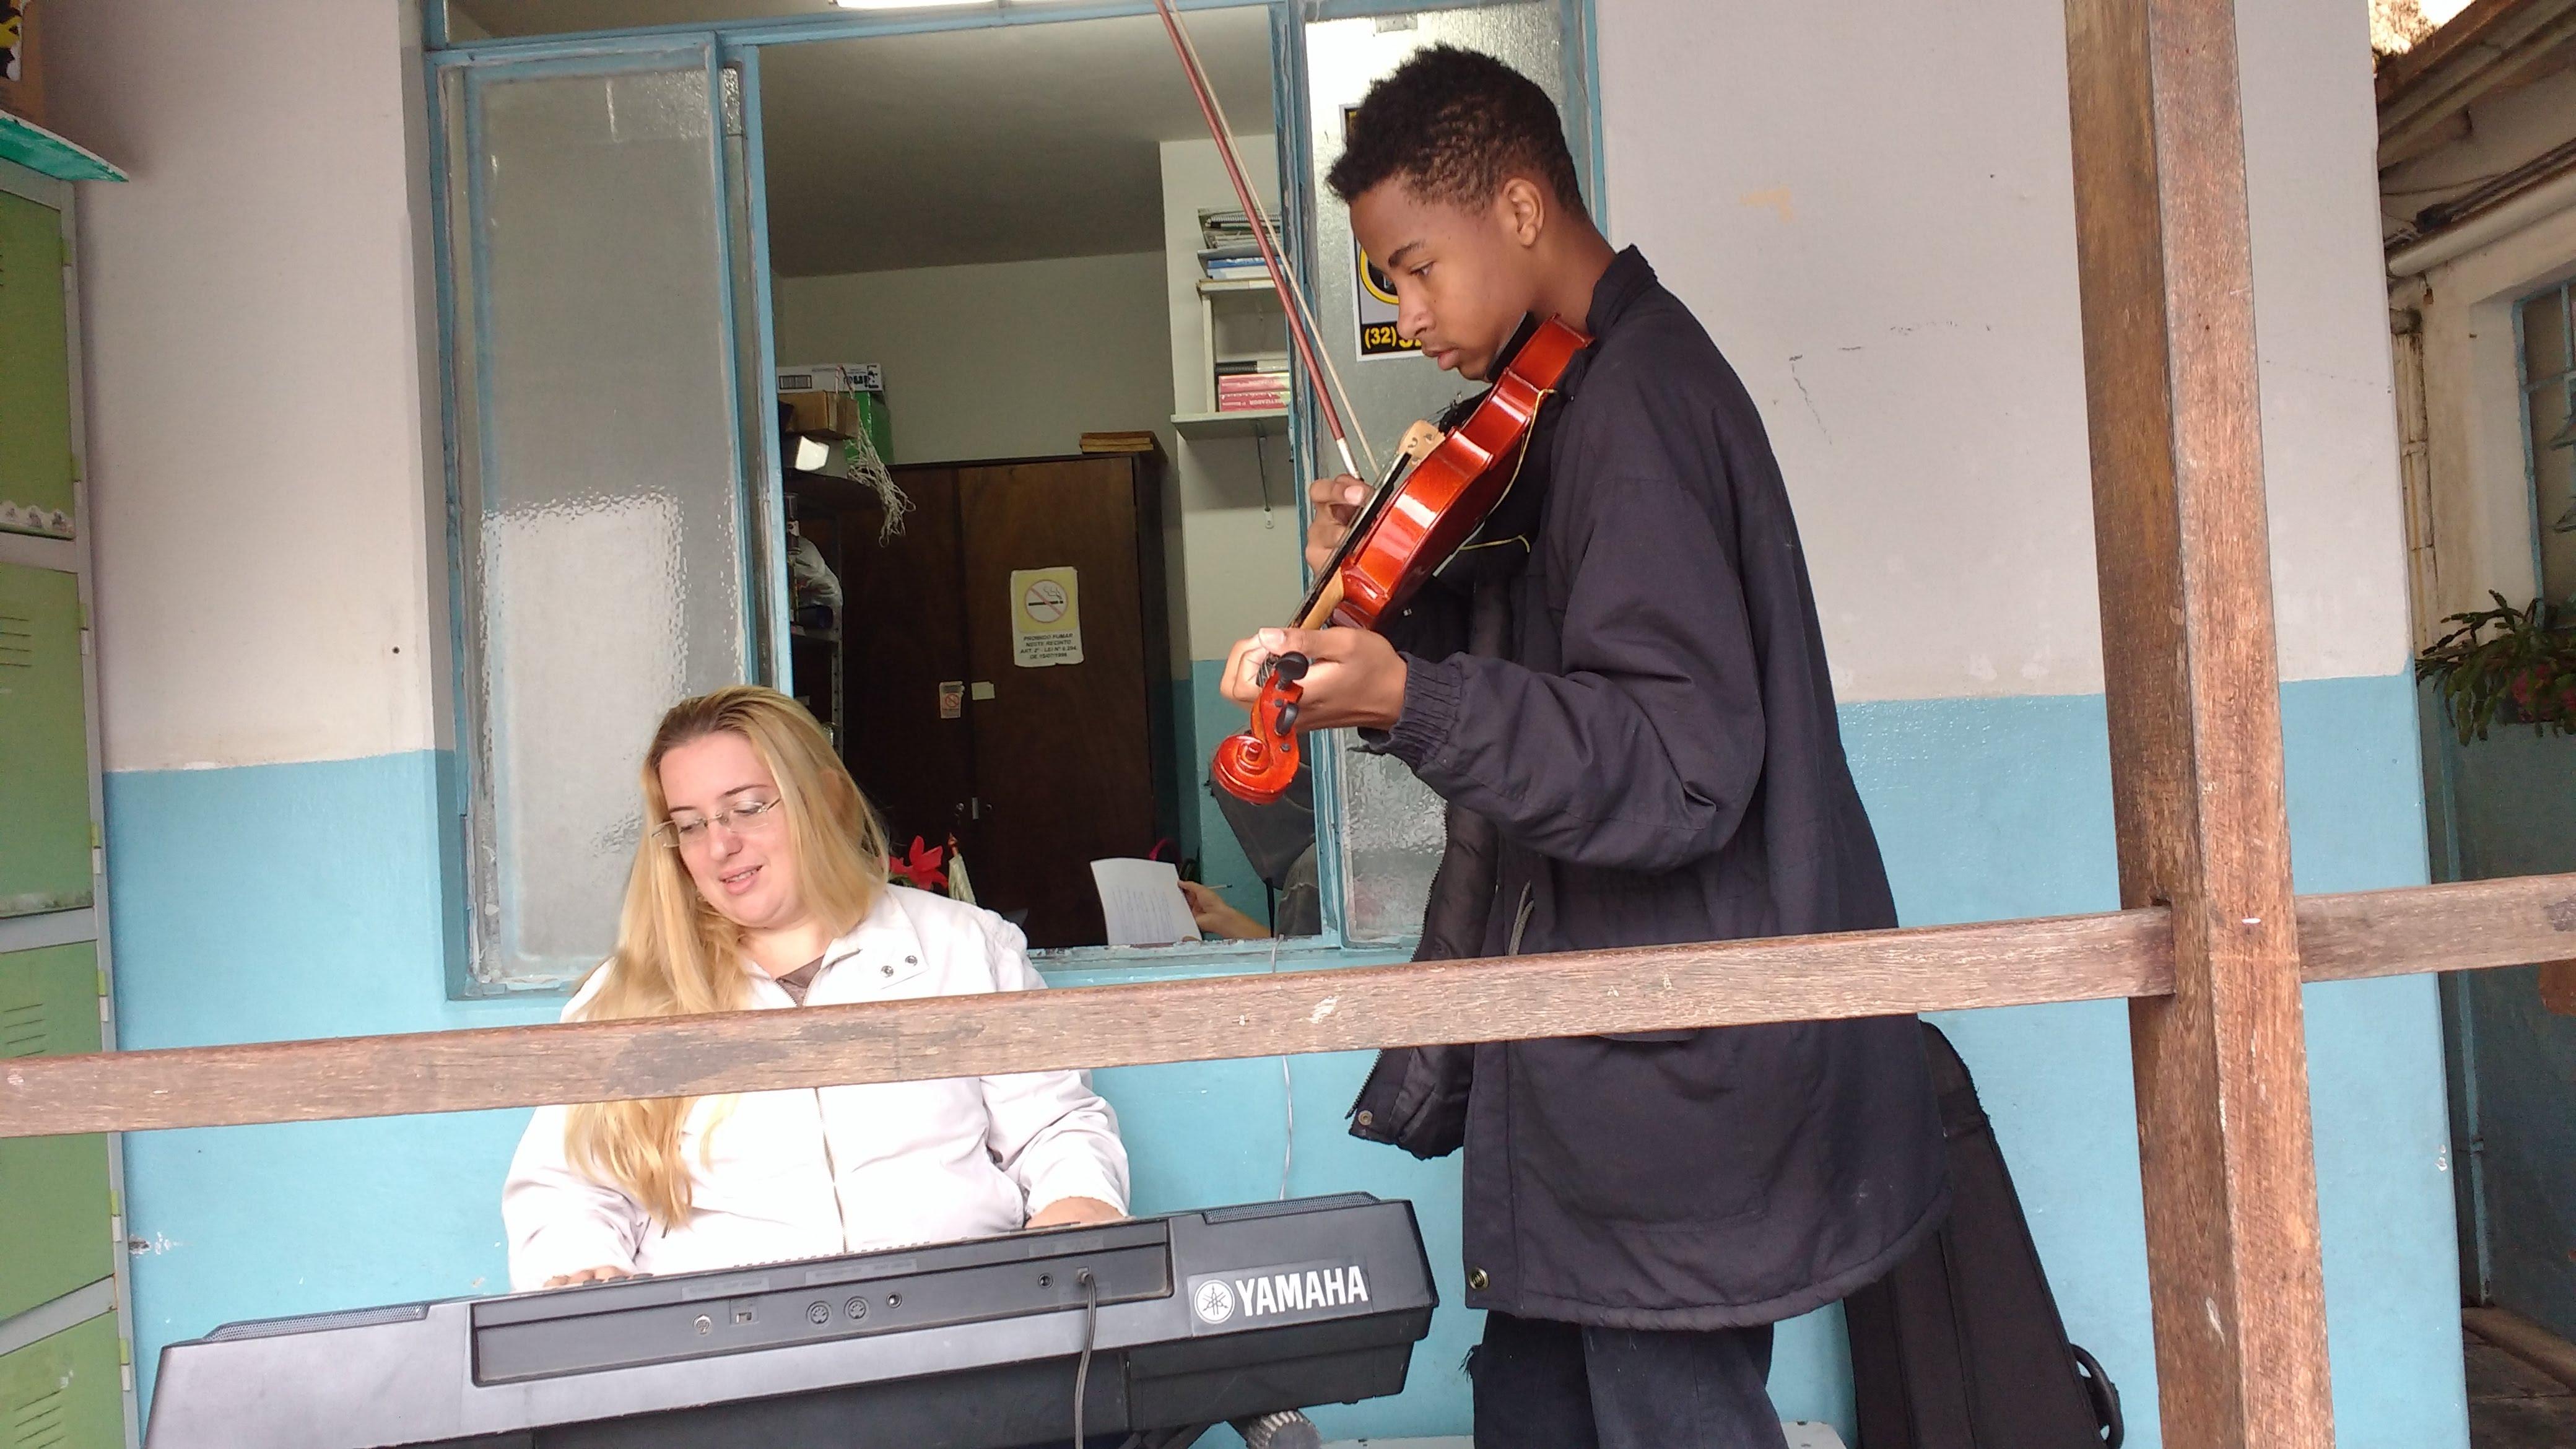 aulas de musica para iniciantes luciane borges telefone 3232238063